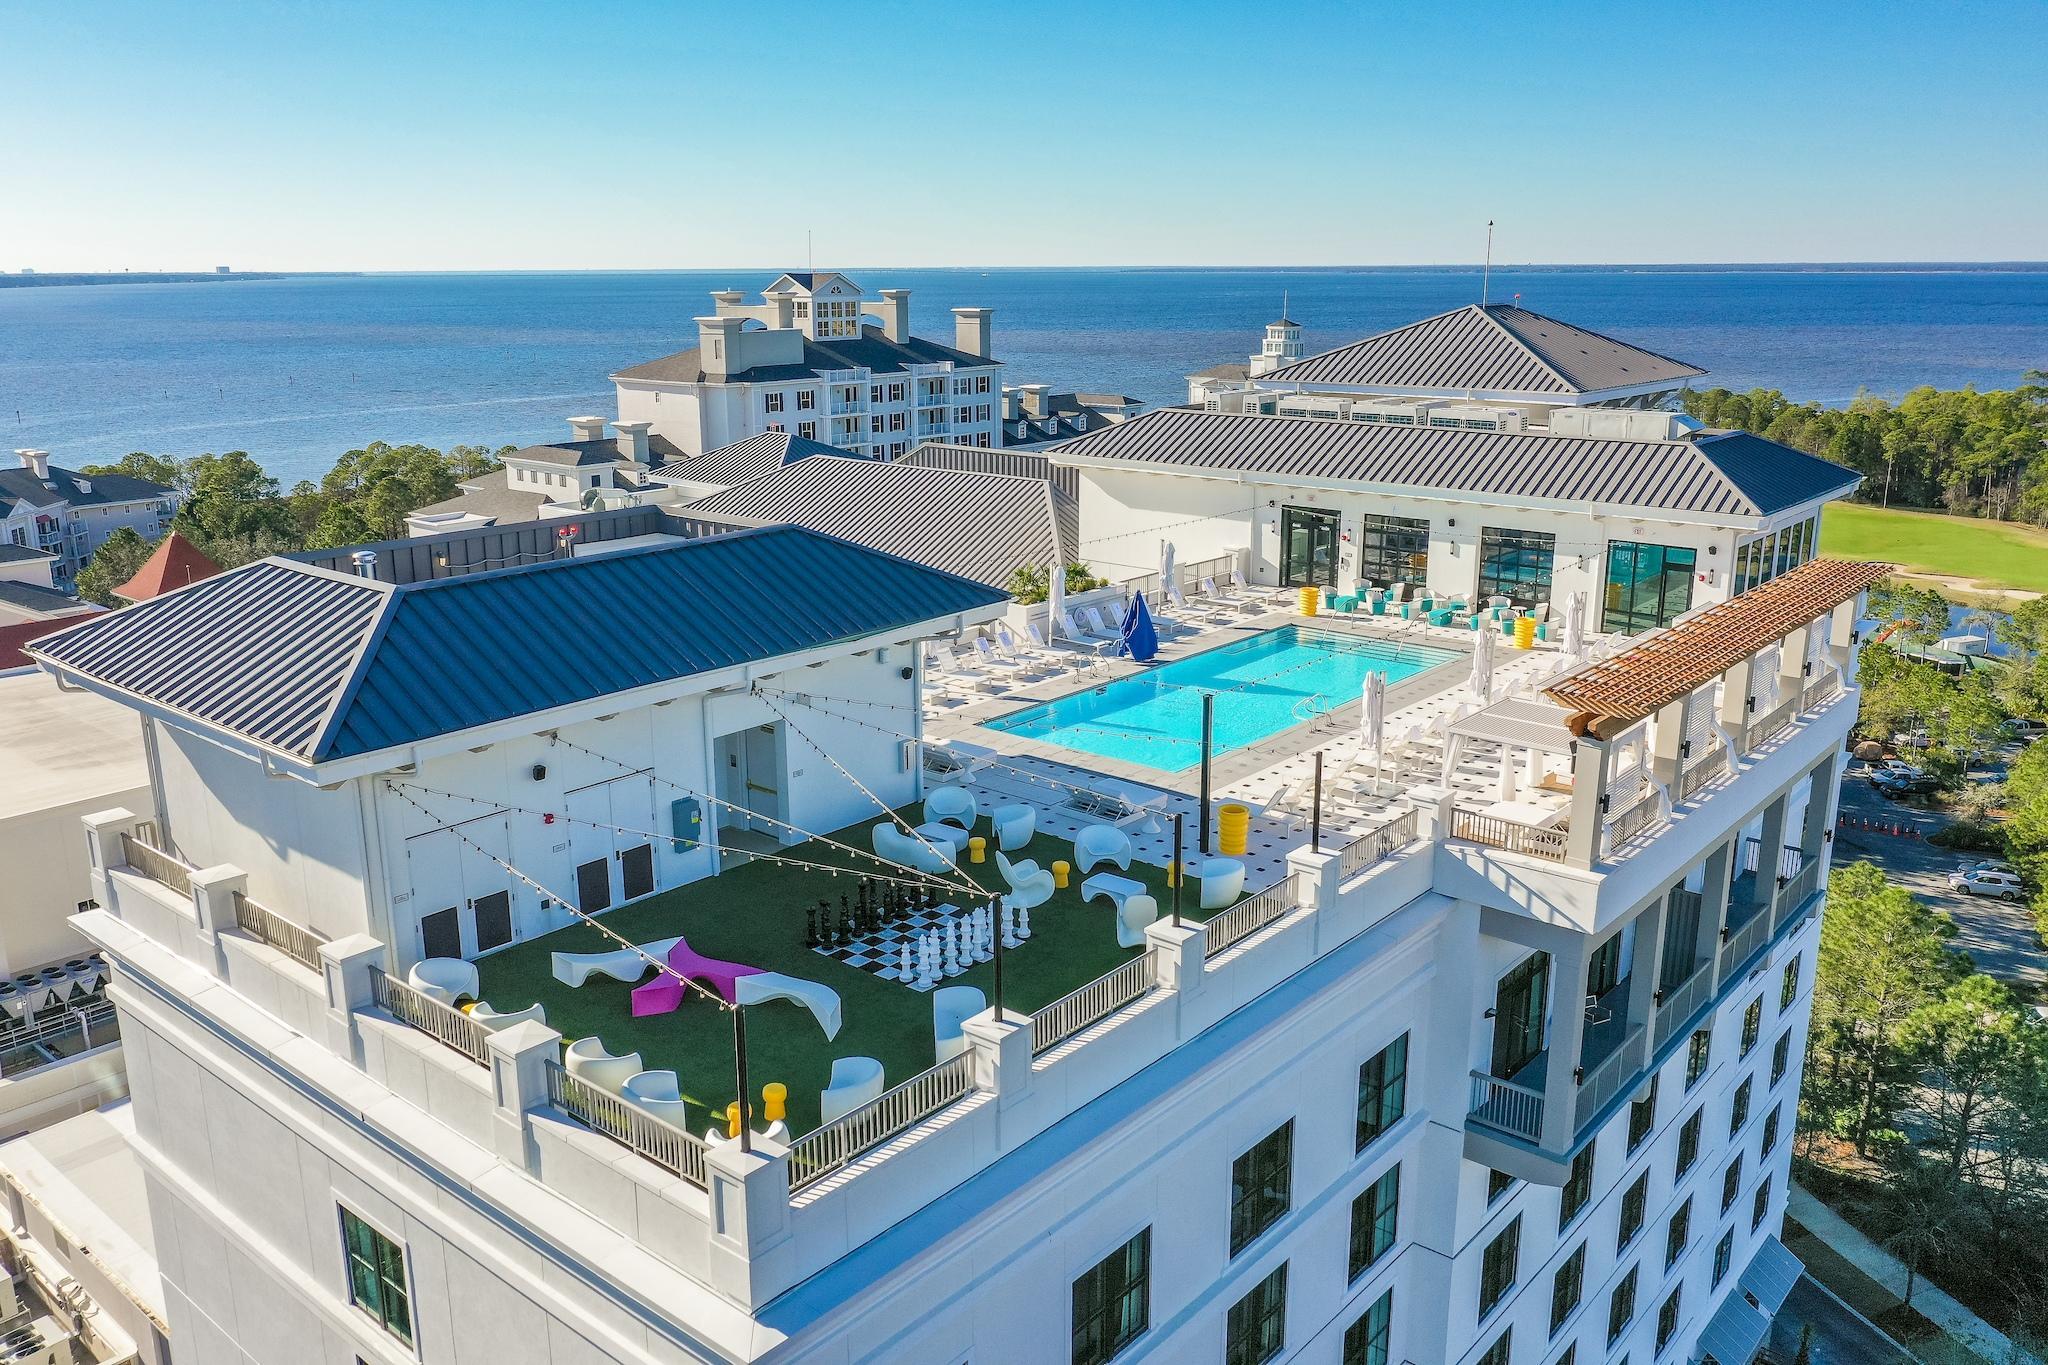 Sandestin Hotel Effie